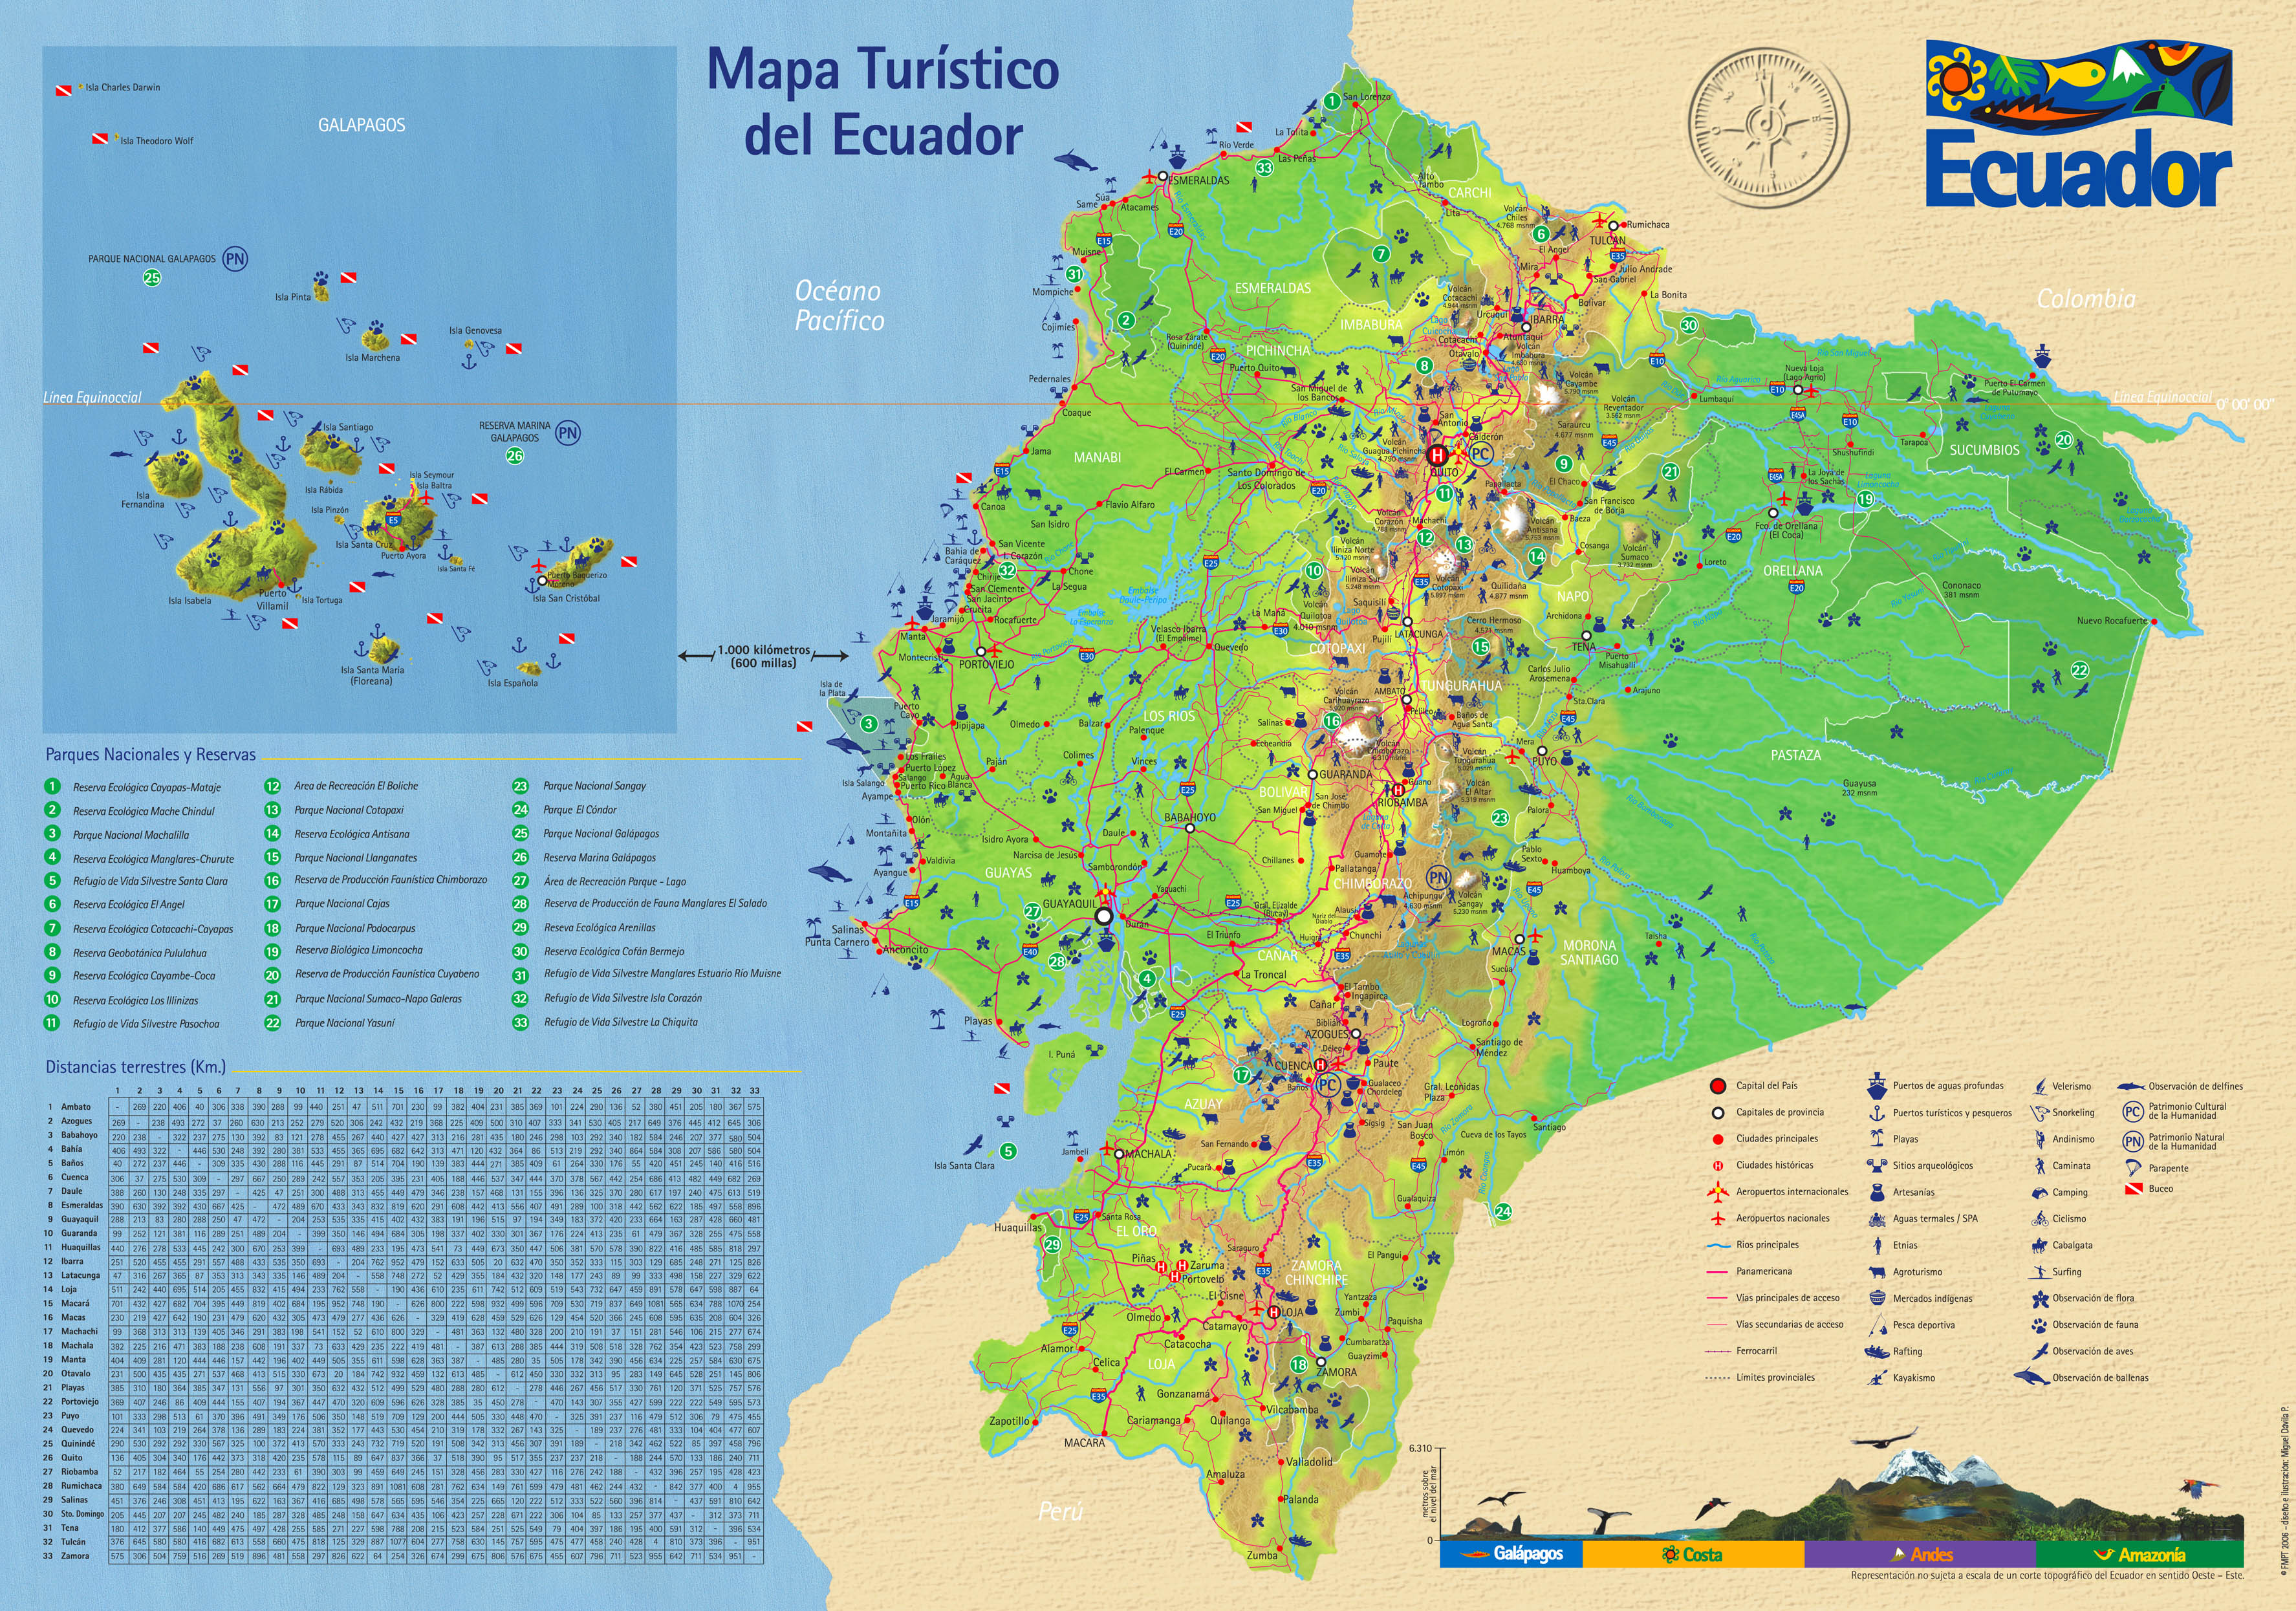 mapa_turistico_ecuador.jpg